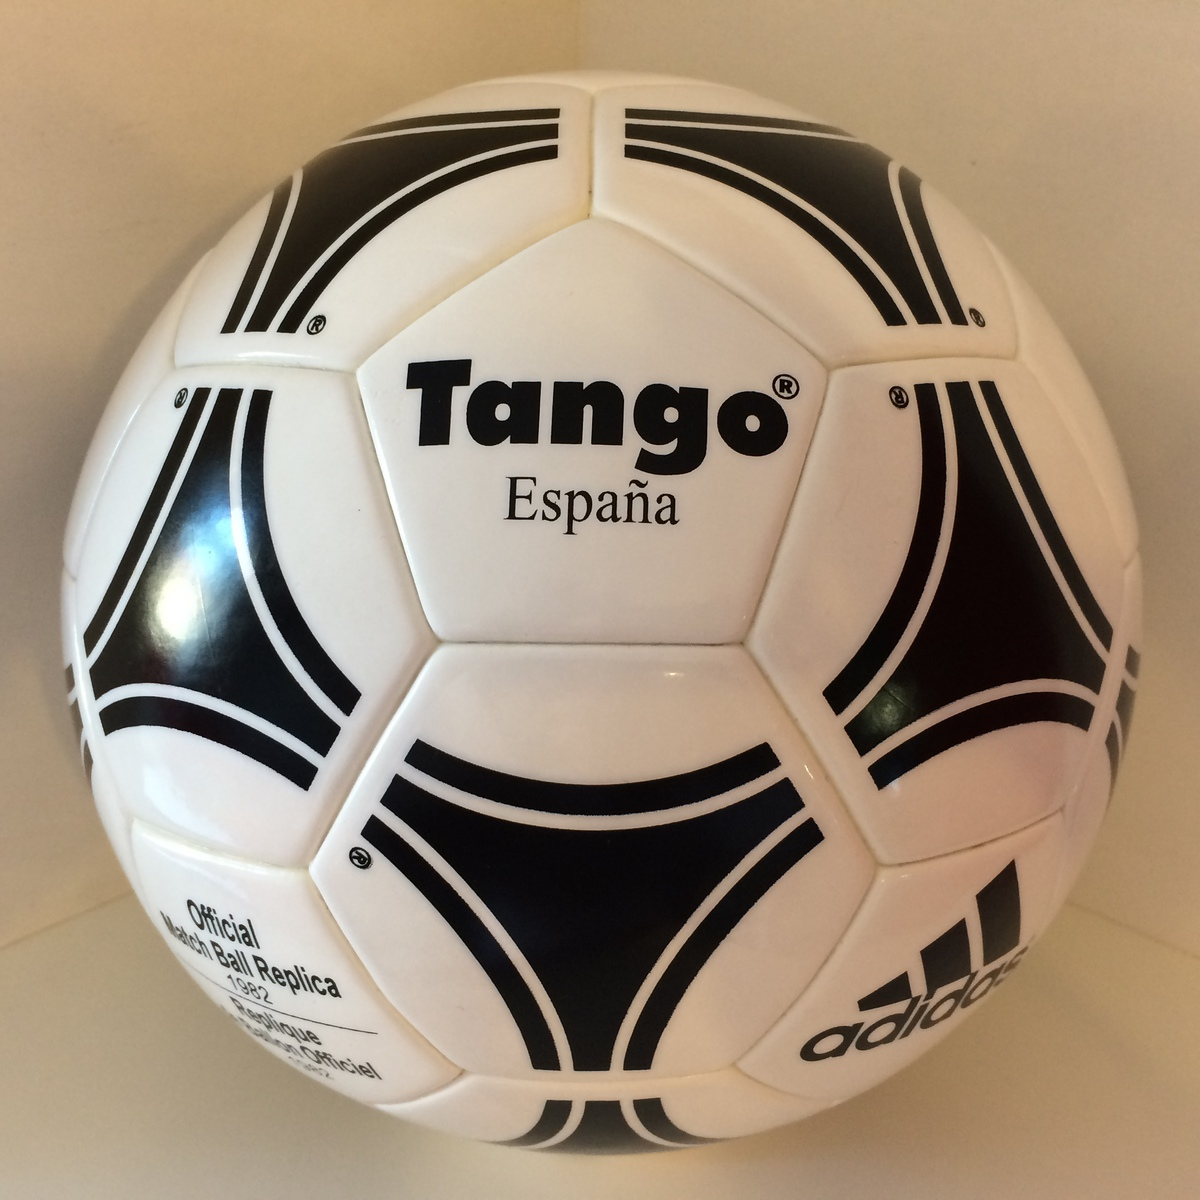 Hasil gambar untuk adidas tango espana